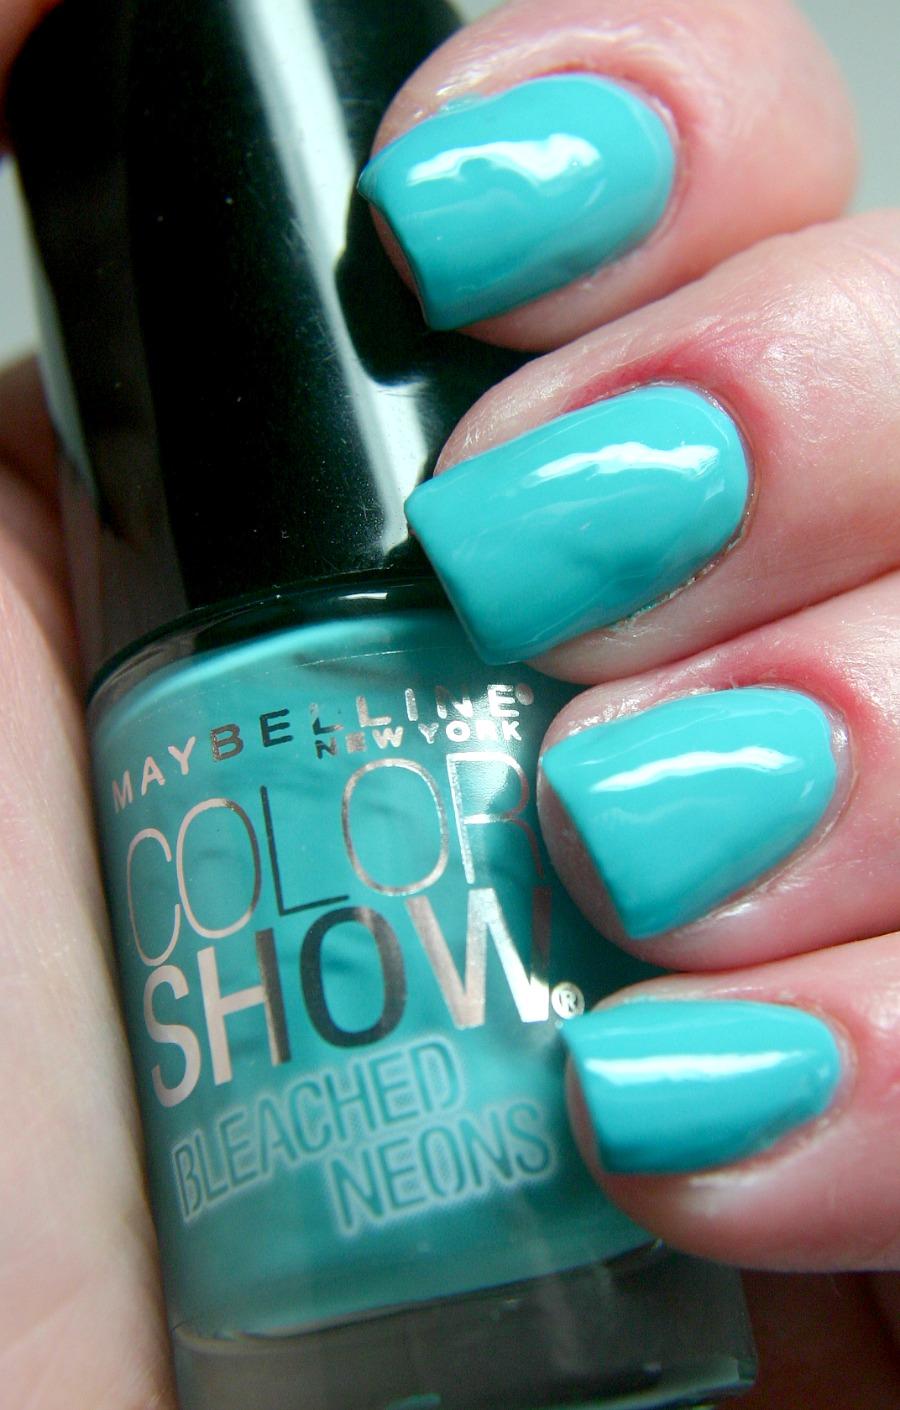 Neon Teal Nail Polish When bright neon nail polish